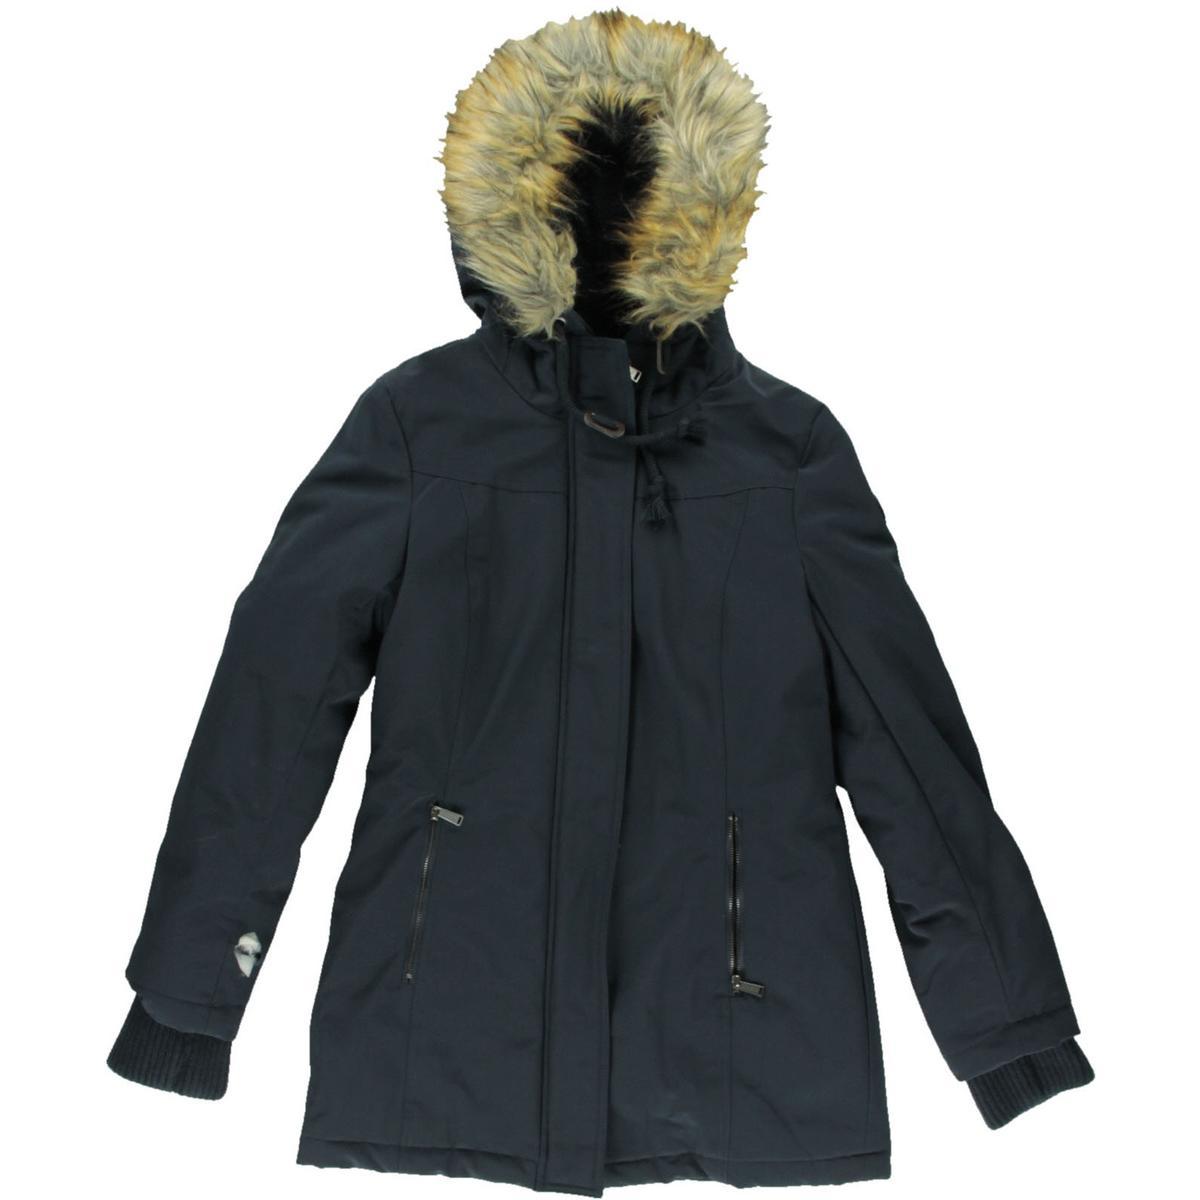 Dkny womens coats